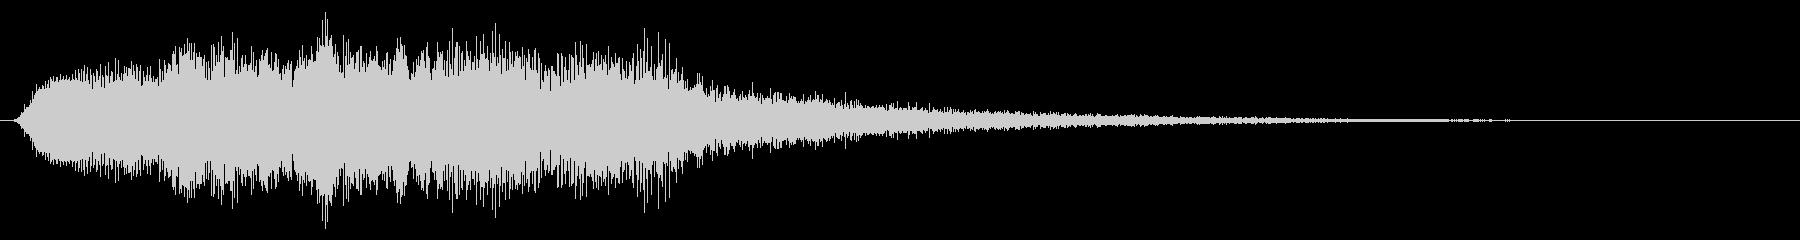 オーケストラ ゲームオーバー クラシカルの未再生の波形